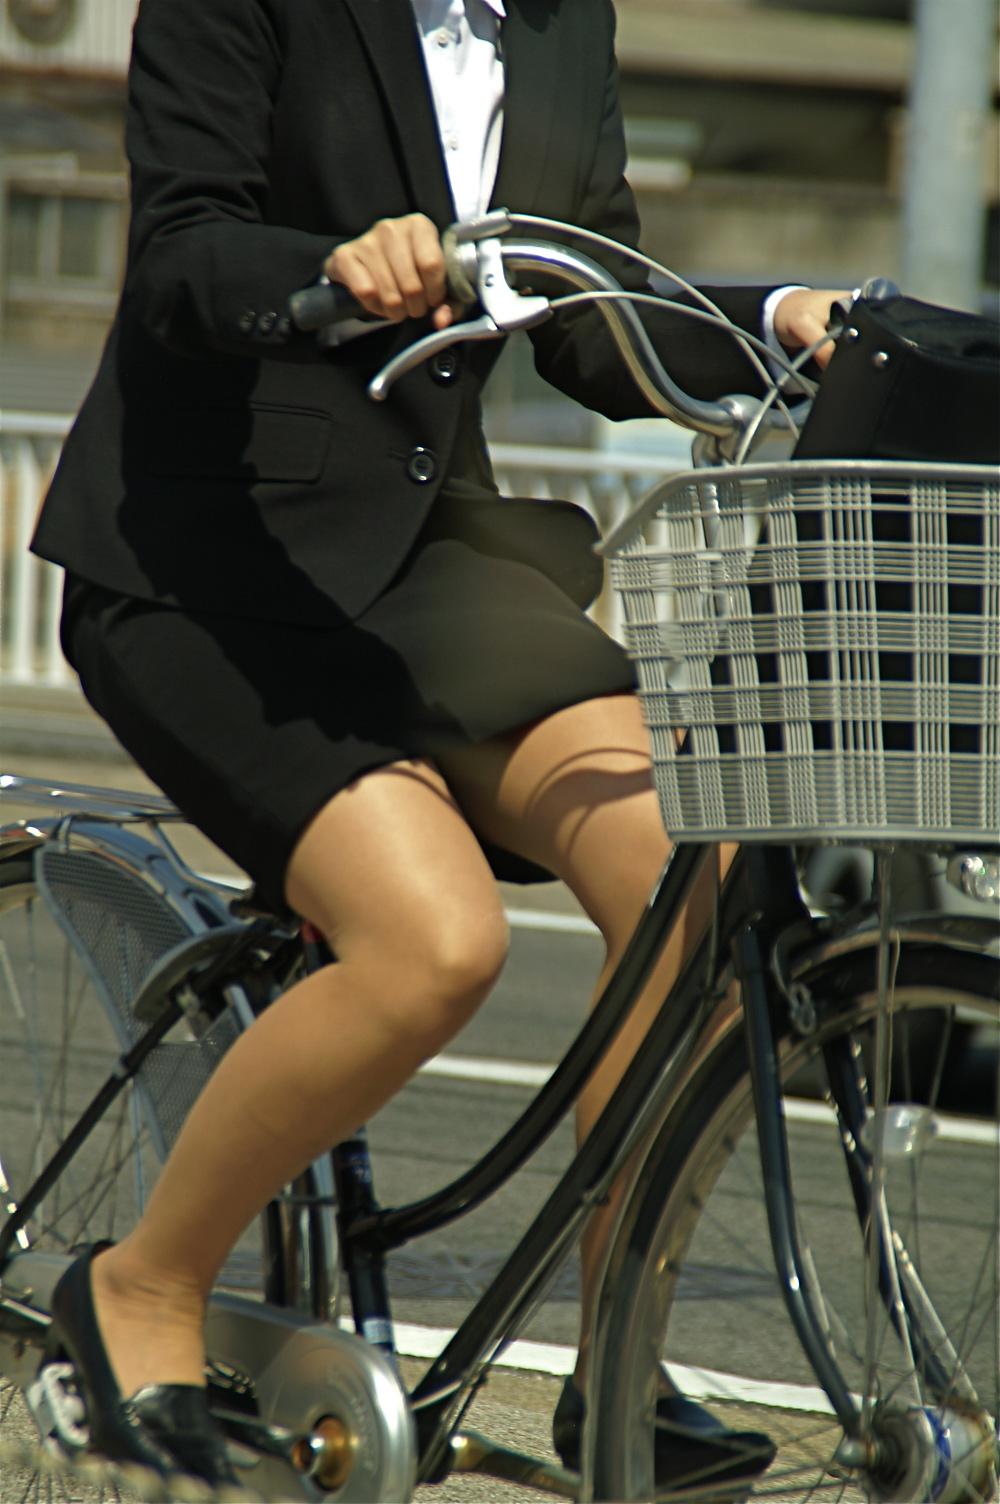 自転車リクスーOLの三角パンチラと太もも盗撮画像10枚目